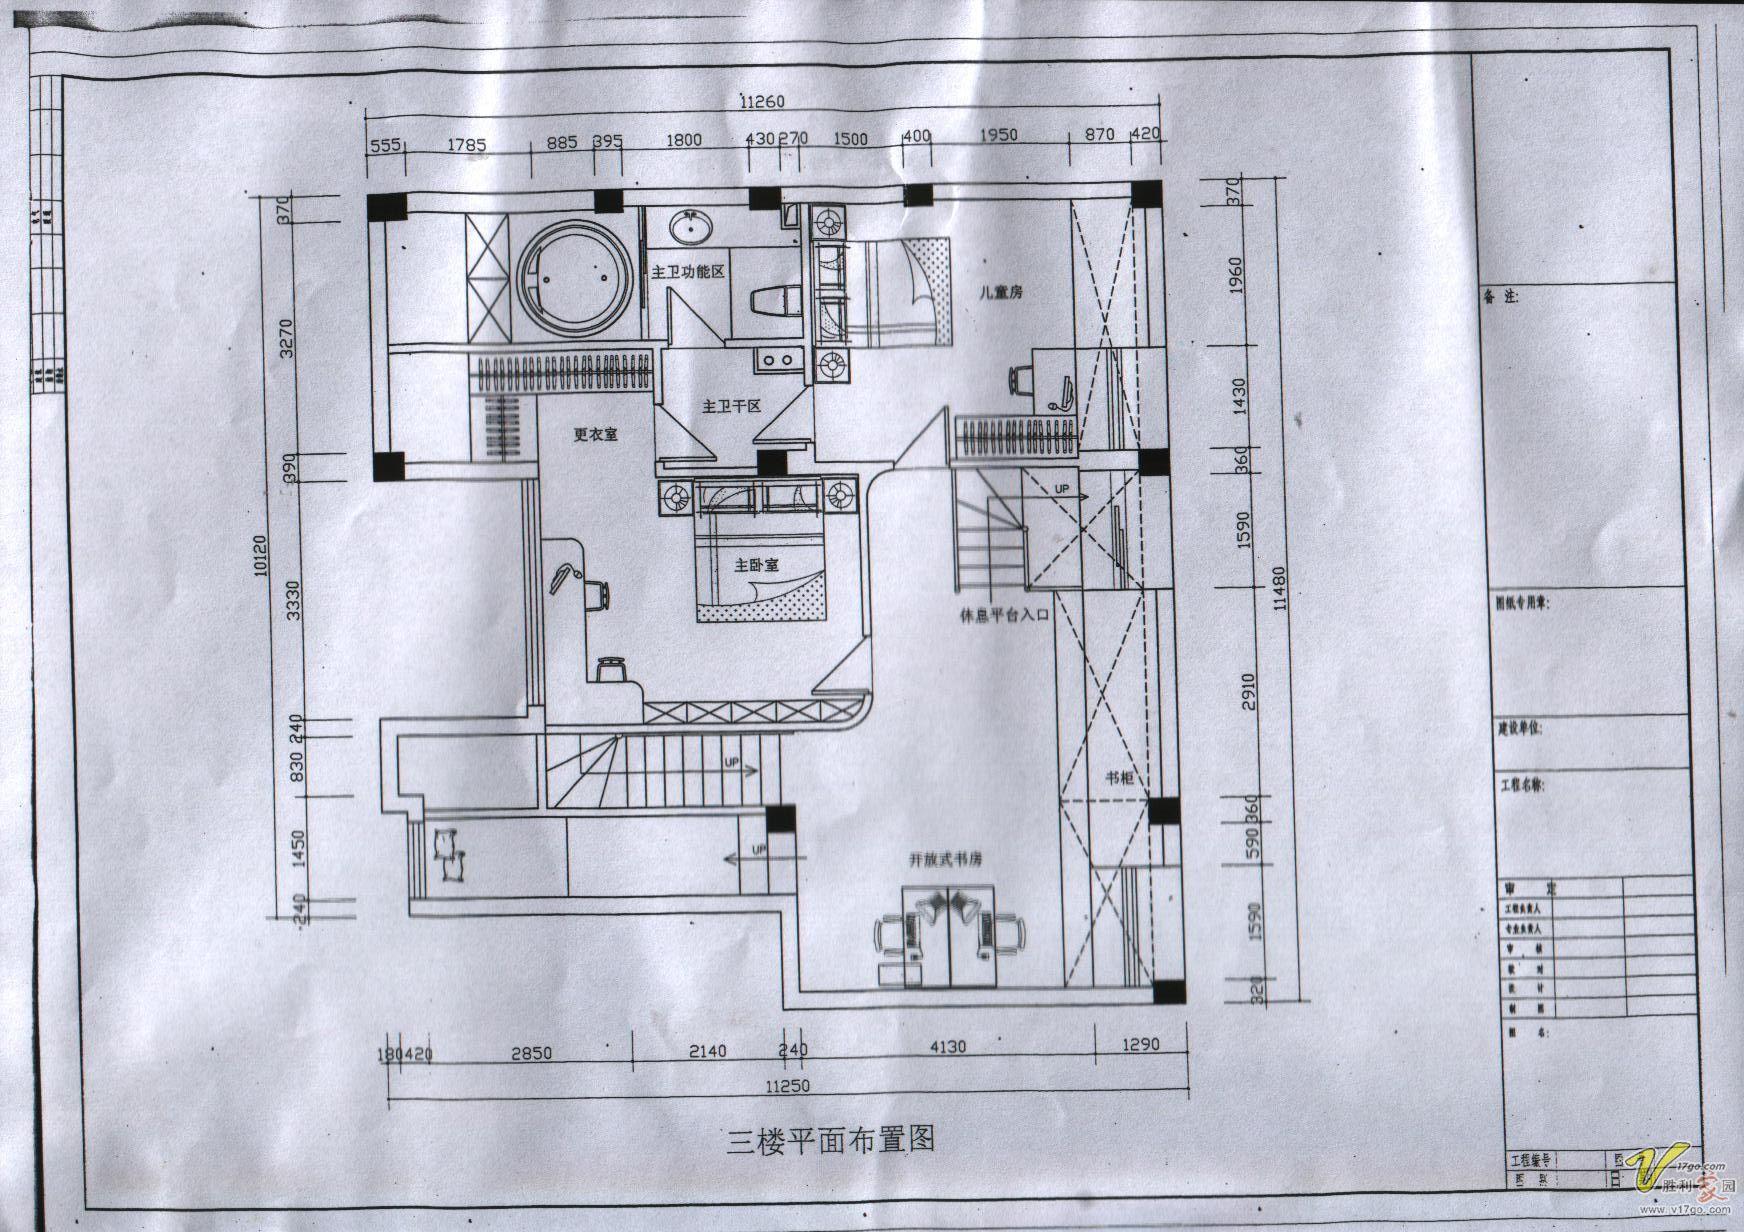 二楼设计图 幸福之家二楼设计图 沧南小区二楼设计图 复式楼二楼图片